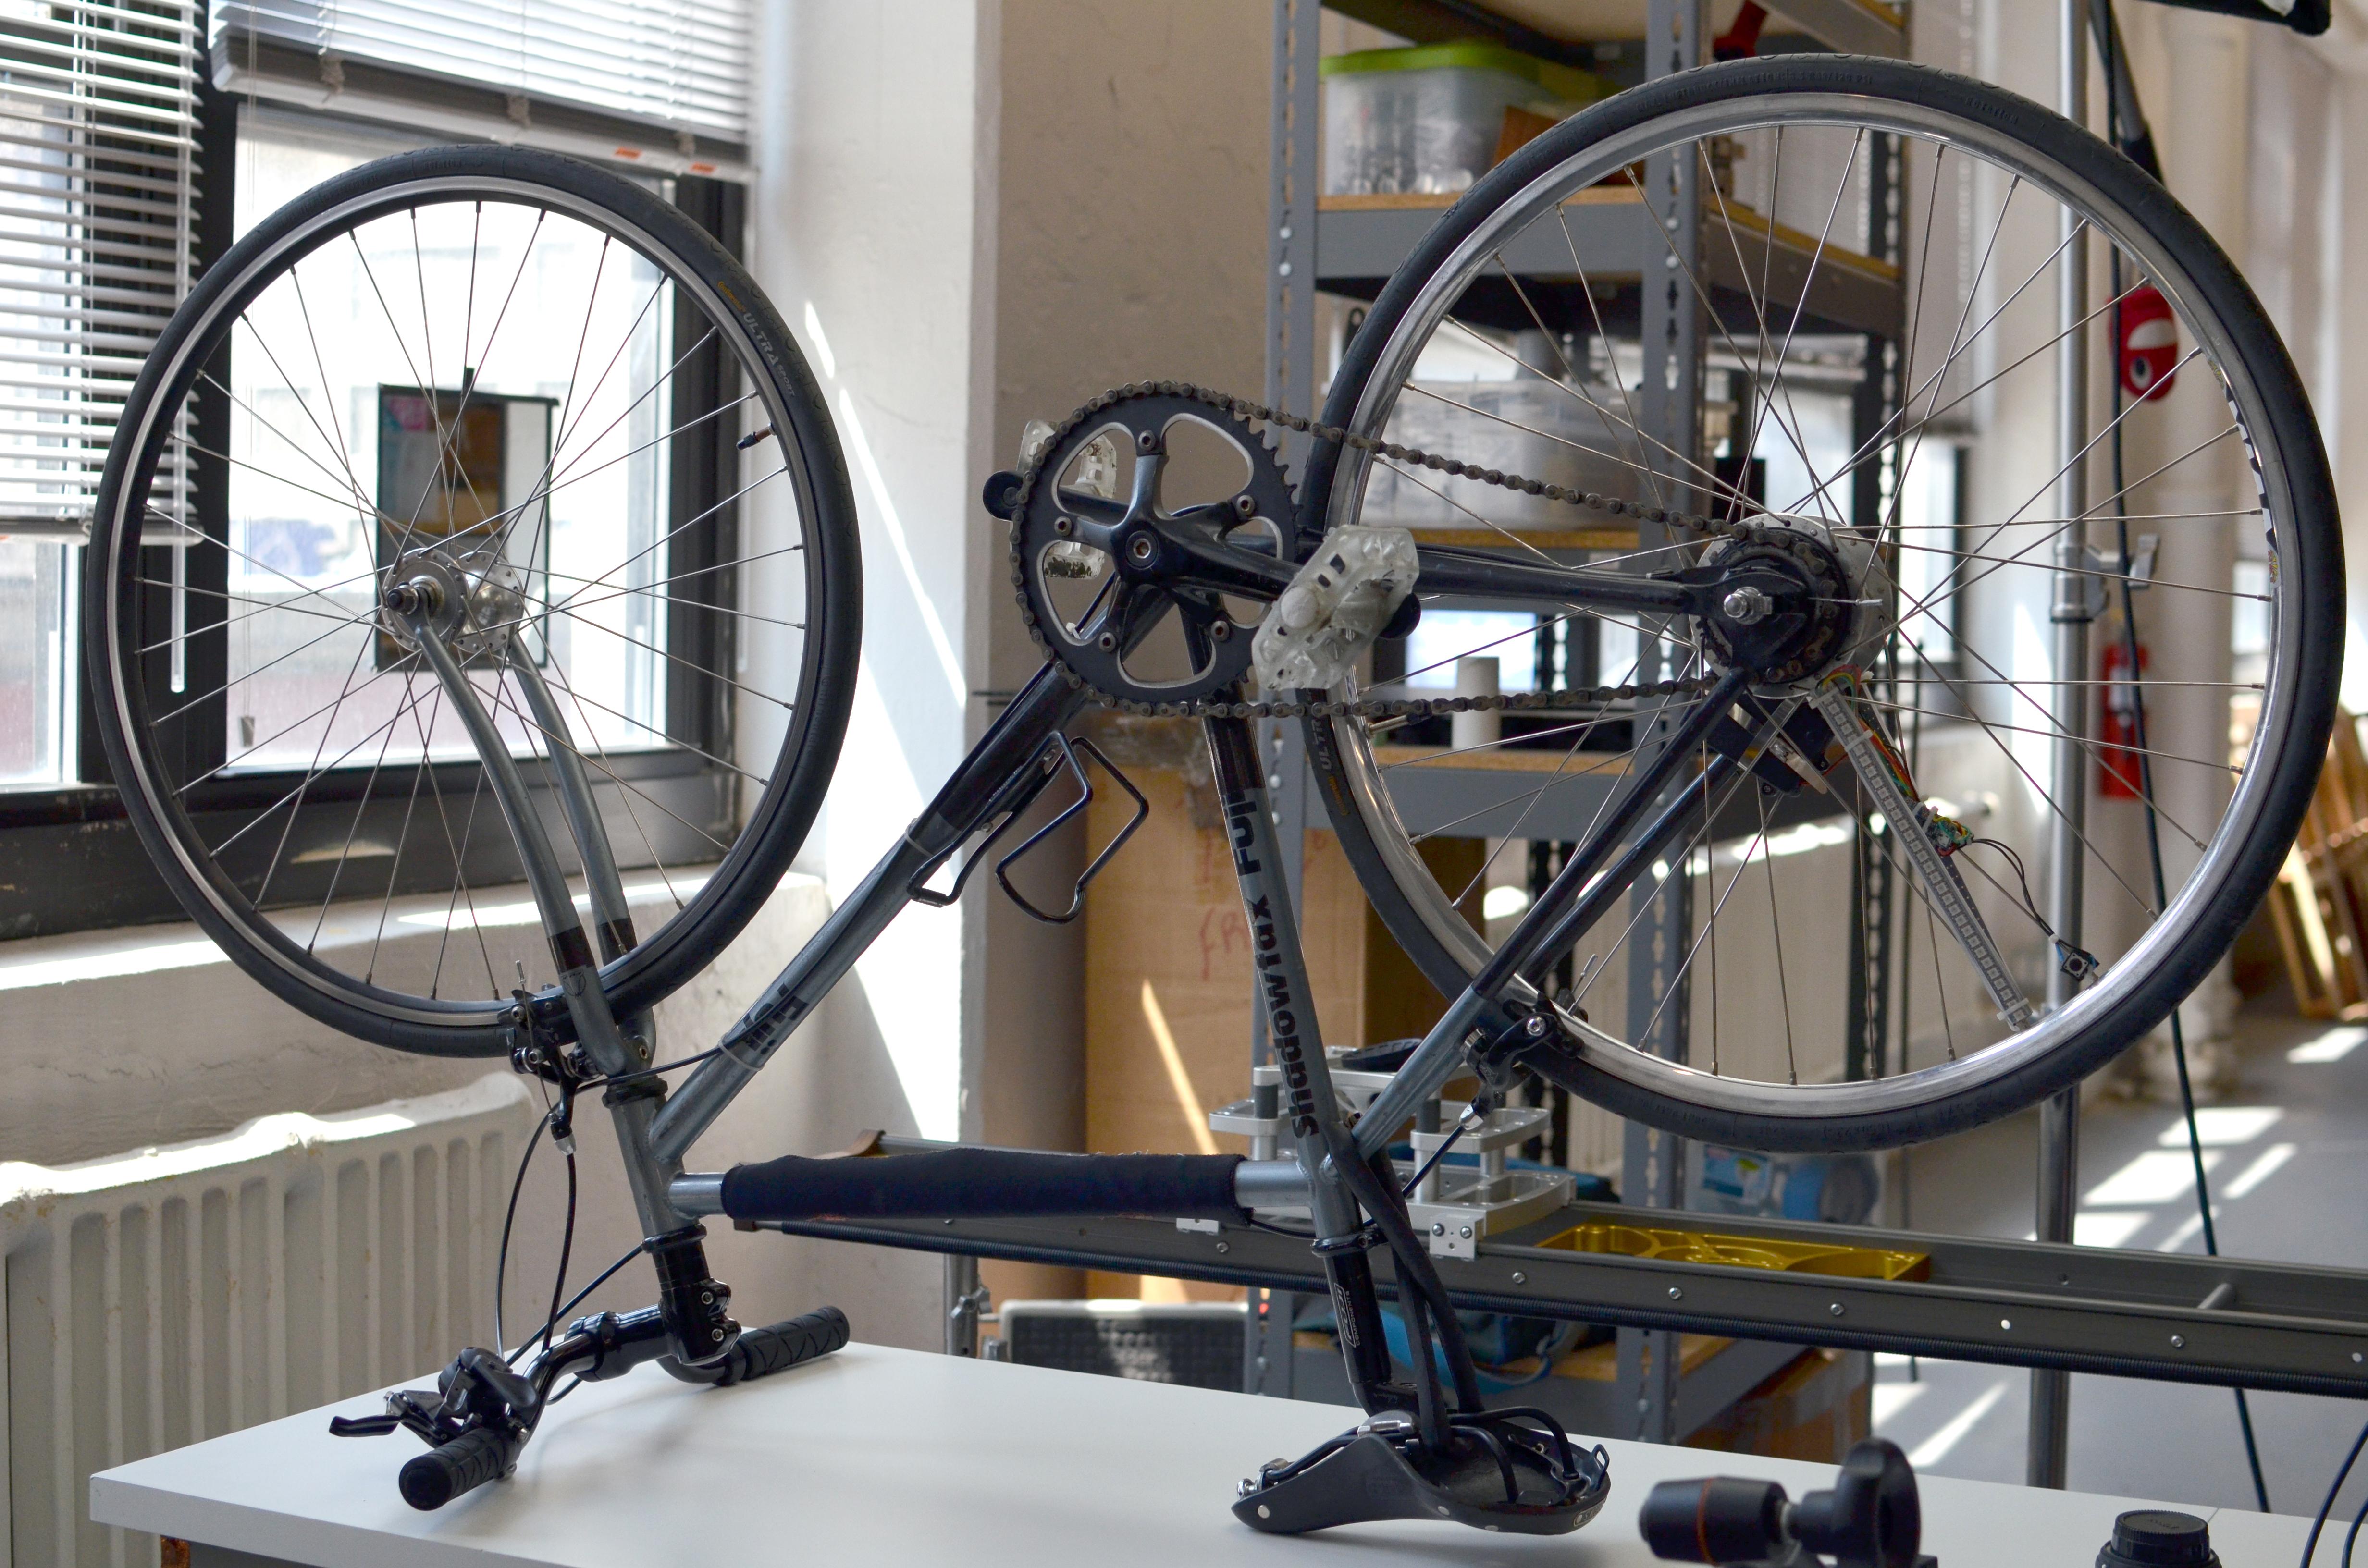 projects_pov-bike-wheel-adafruit-bike-on-table.jpg